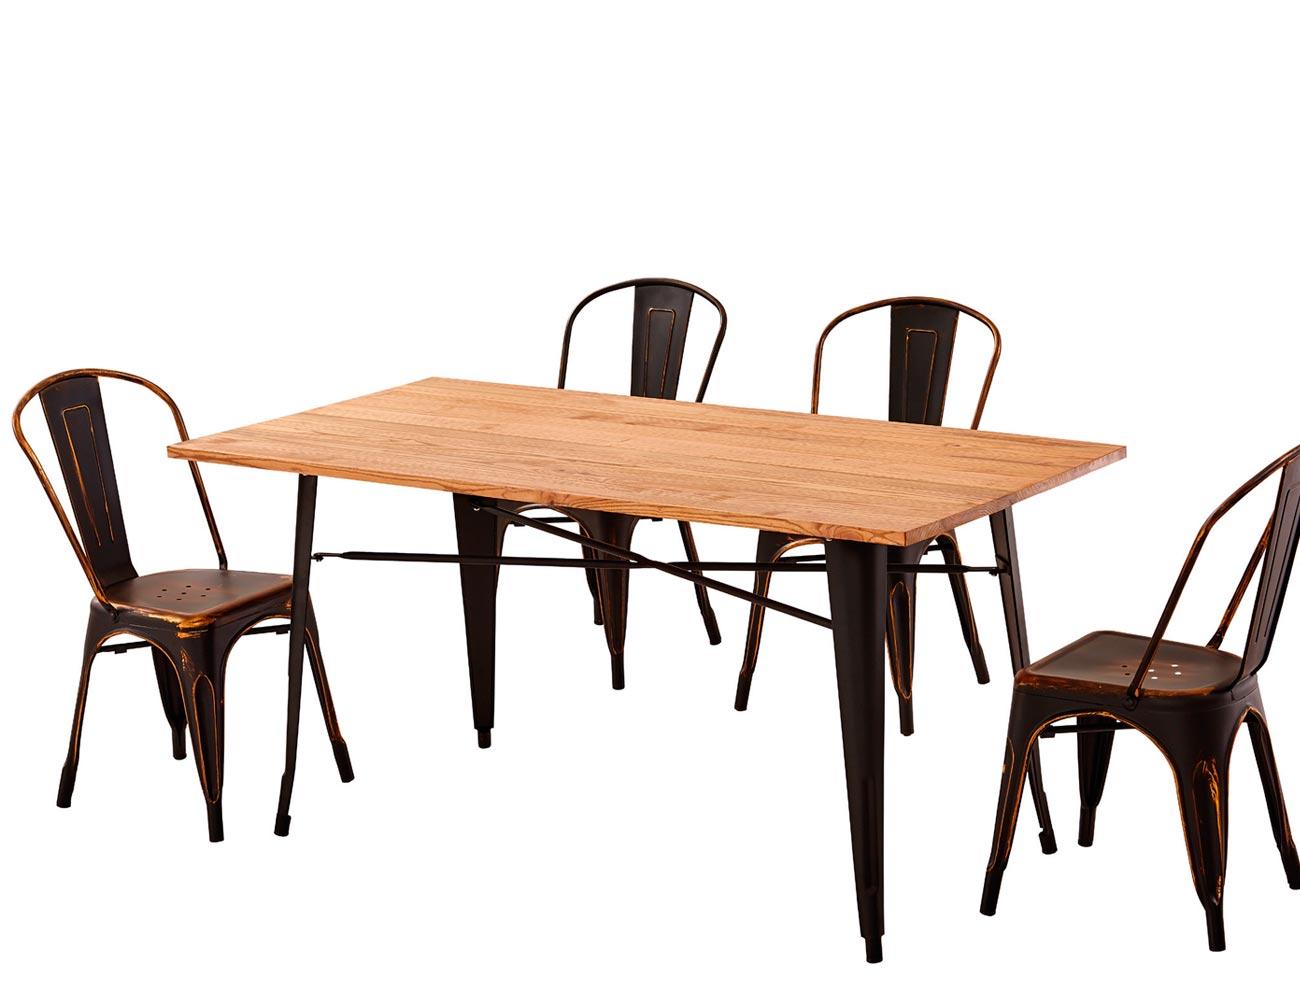 Mesa comedor sobre madera maciza olmo